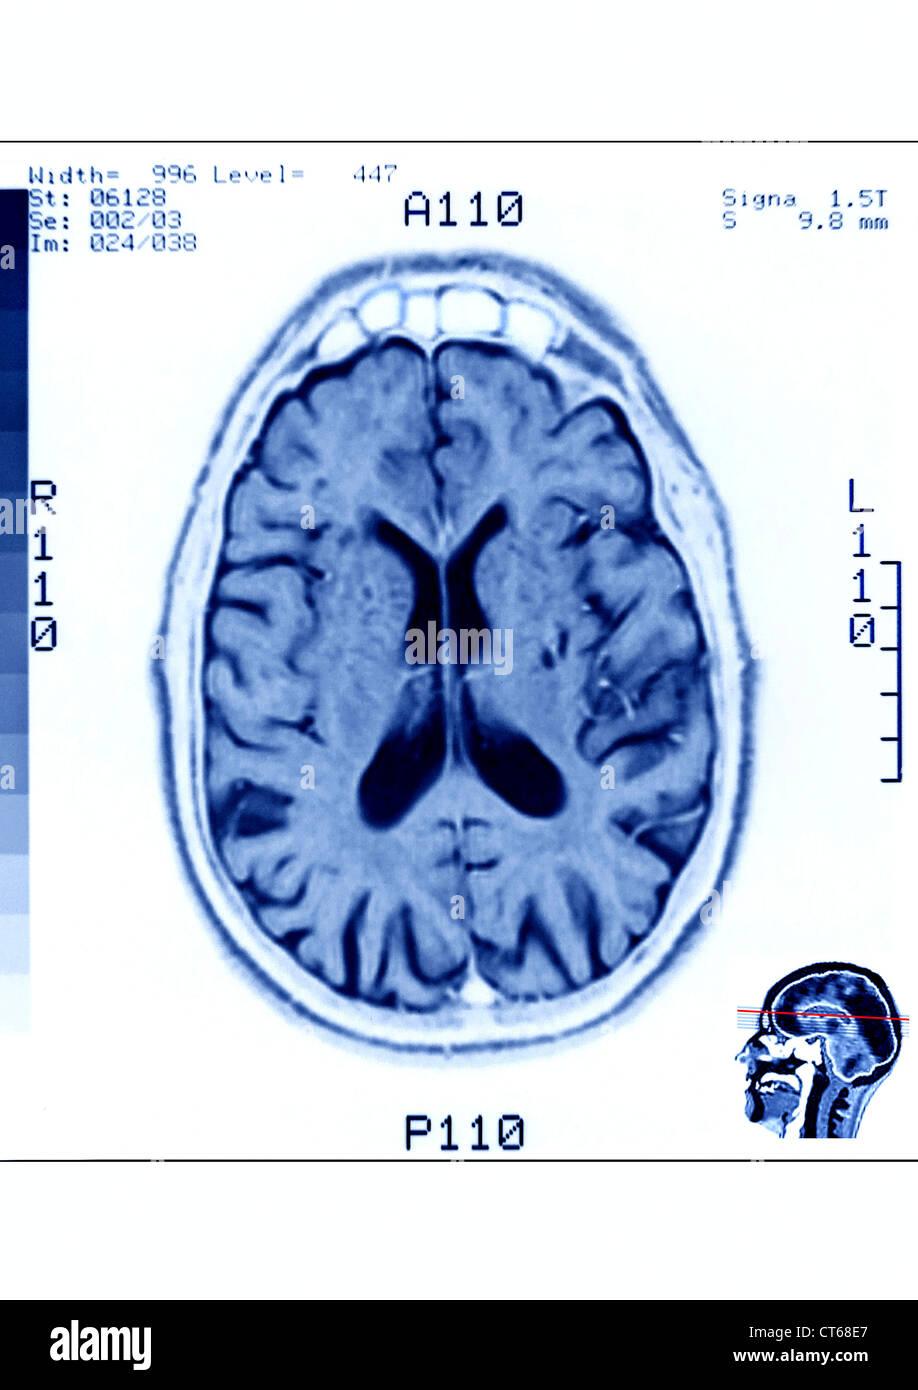 TÊTE, IRM Photo Stock